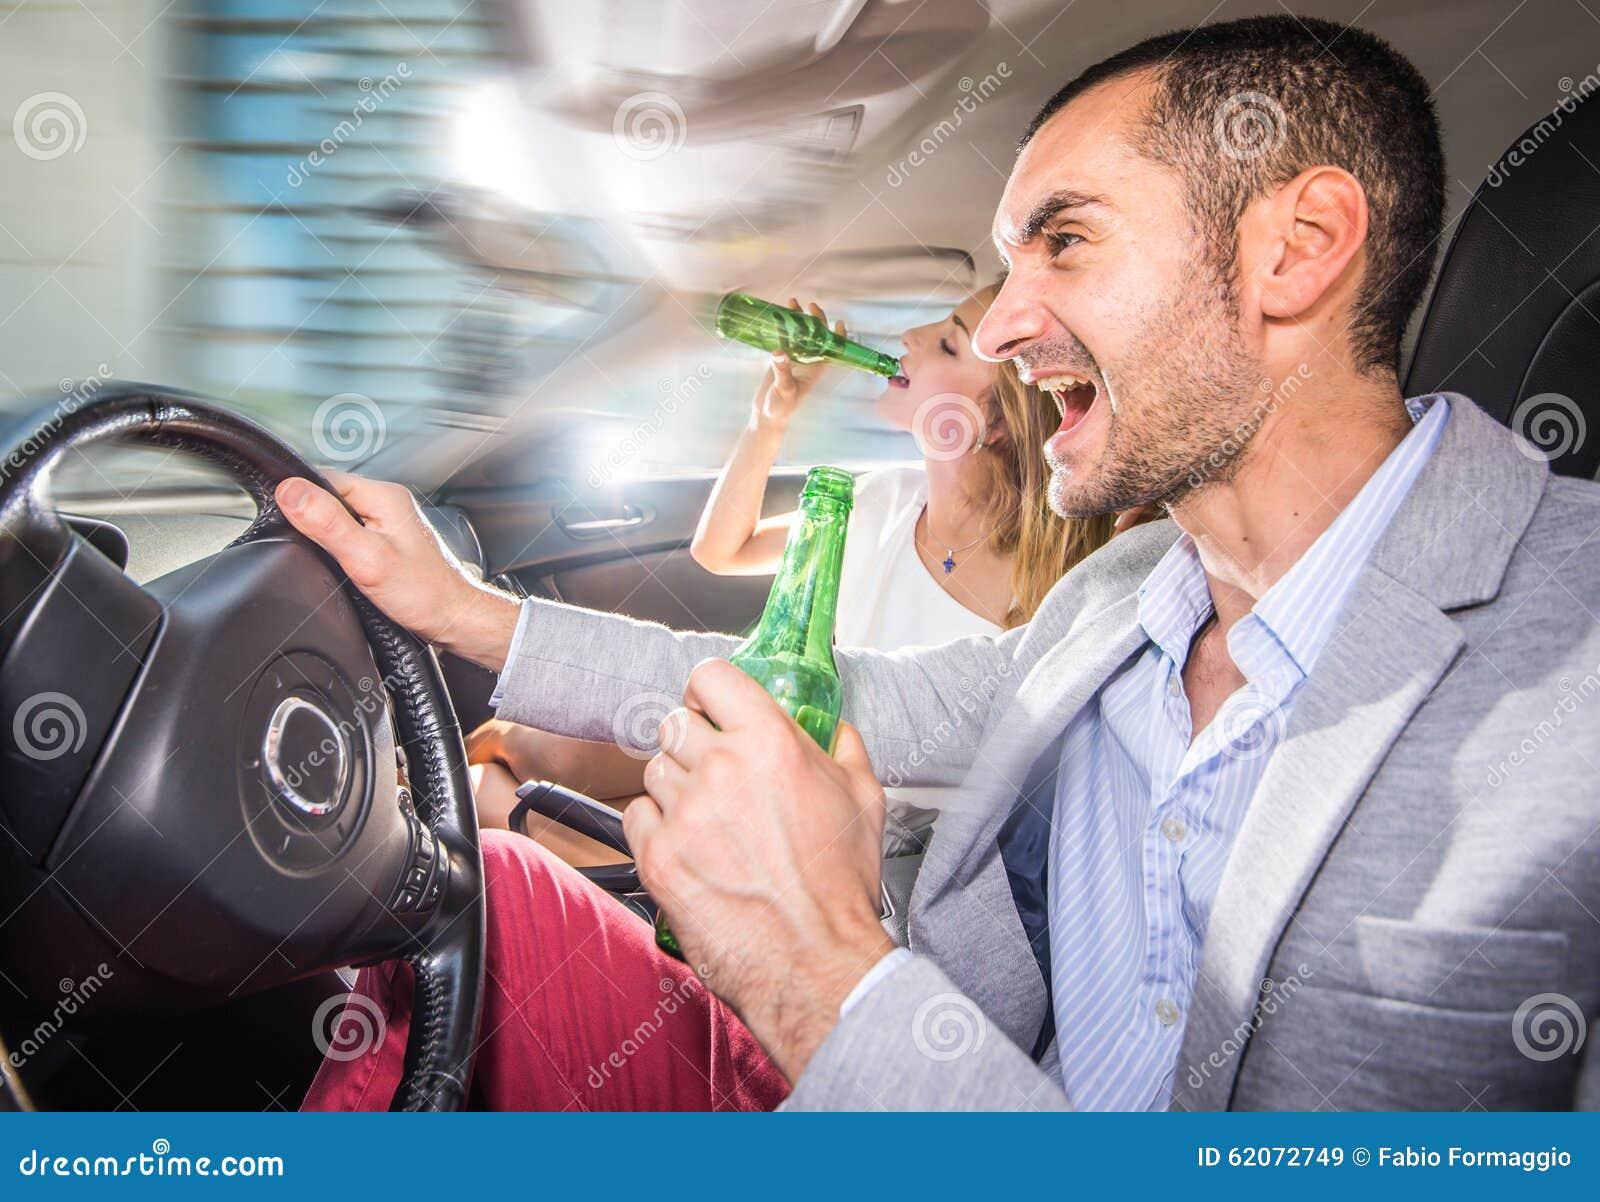 Best Car Accident Description